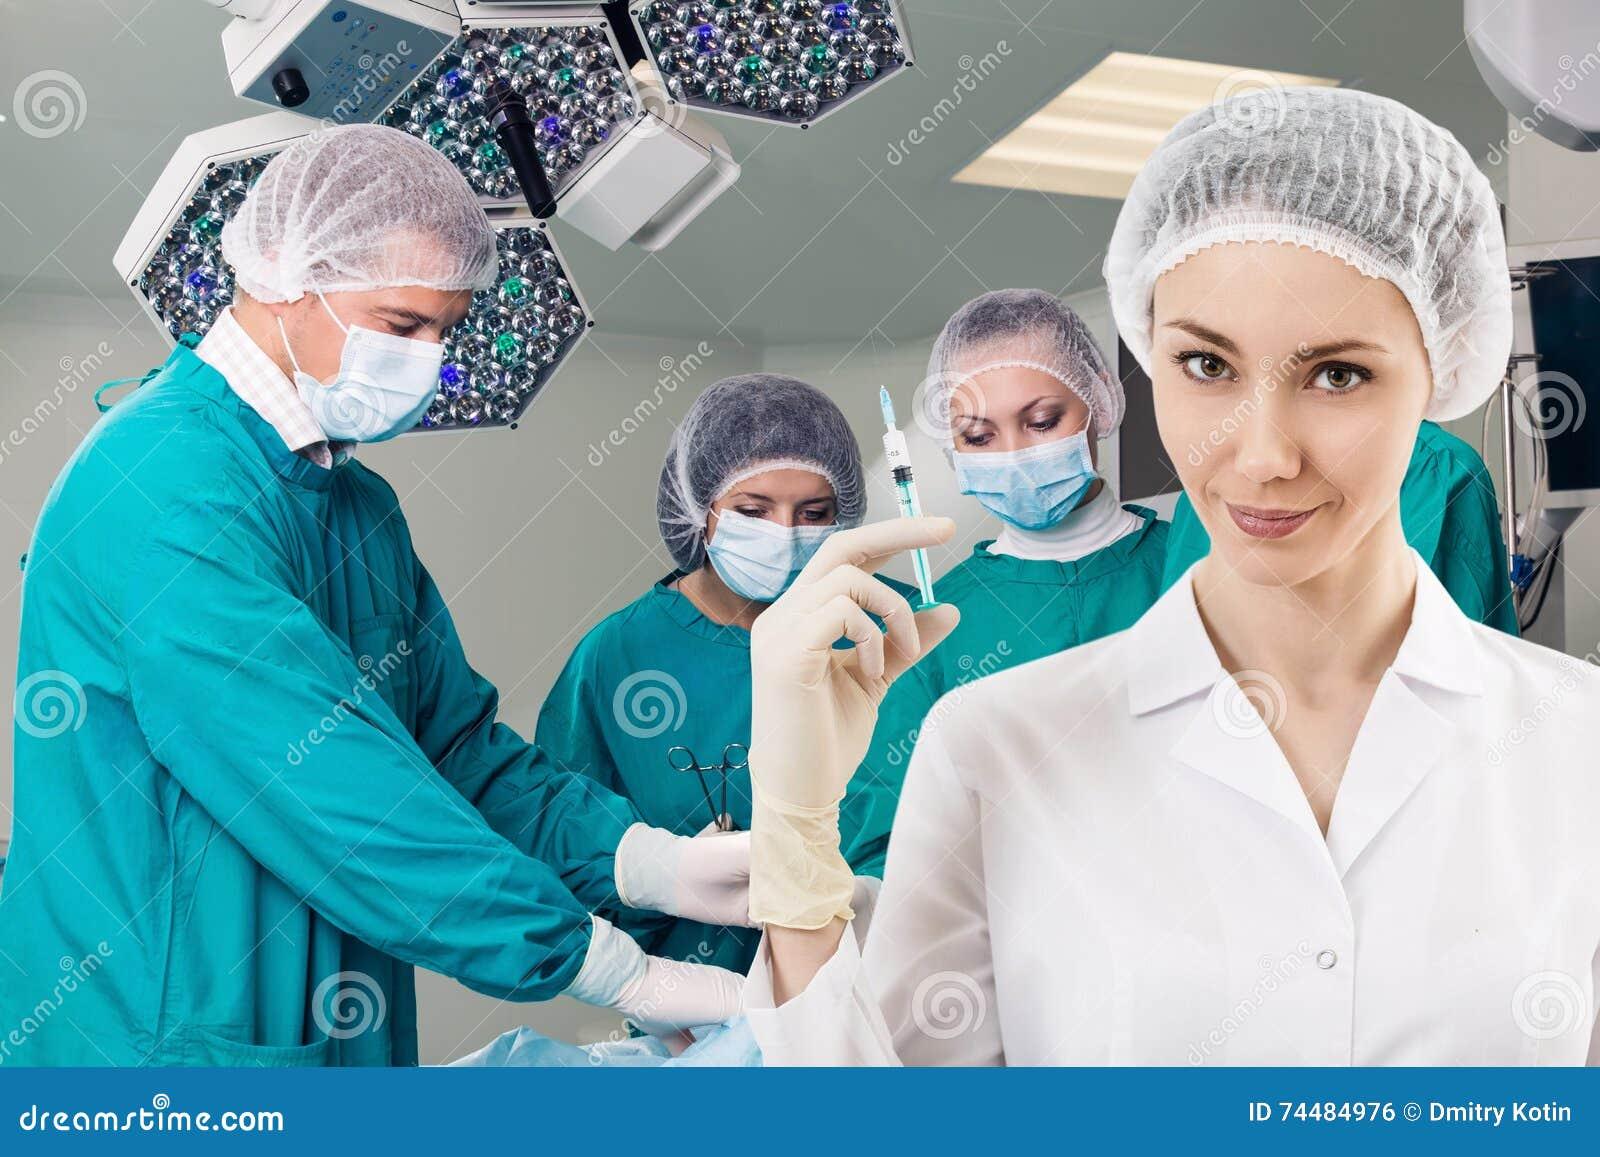 Anästhesist Mit Spritze Und Chirurgie Gießen Aus Stockfoto - Bild ...